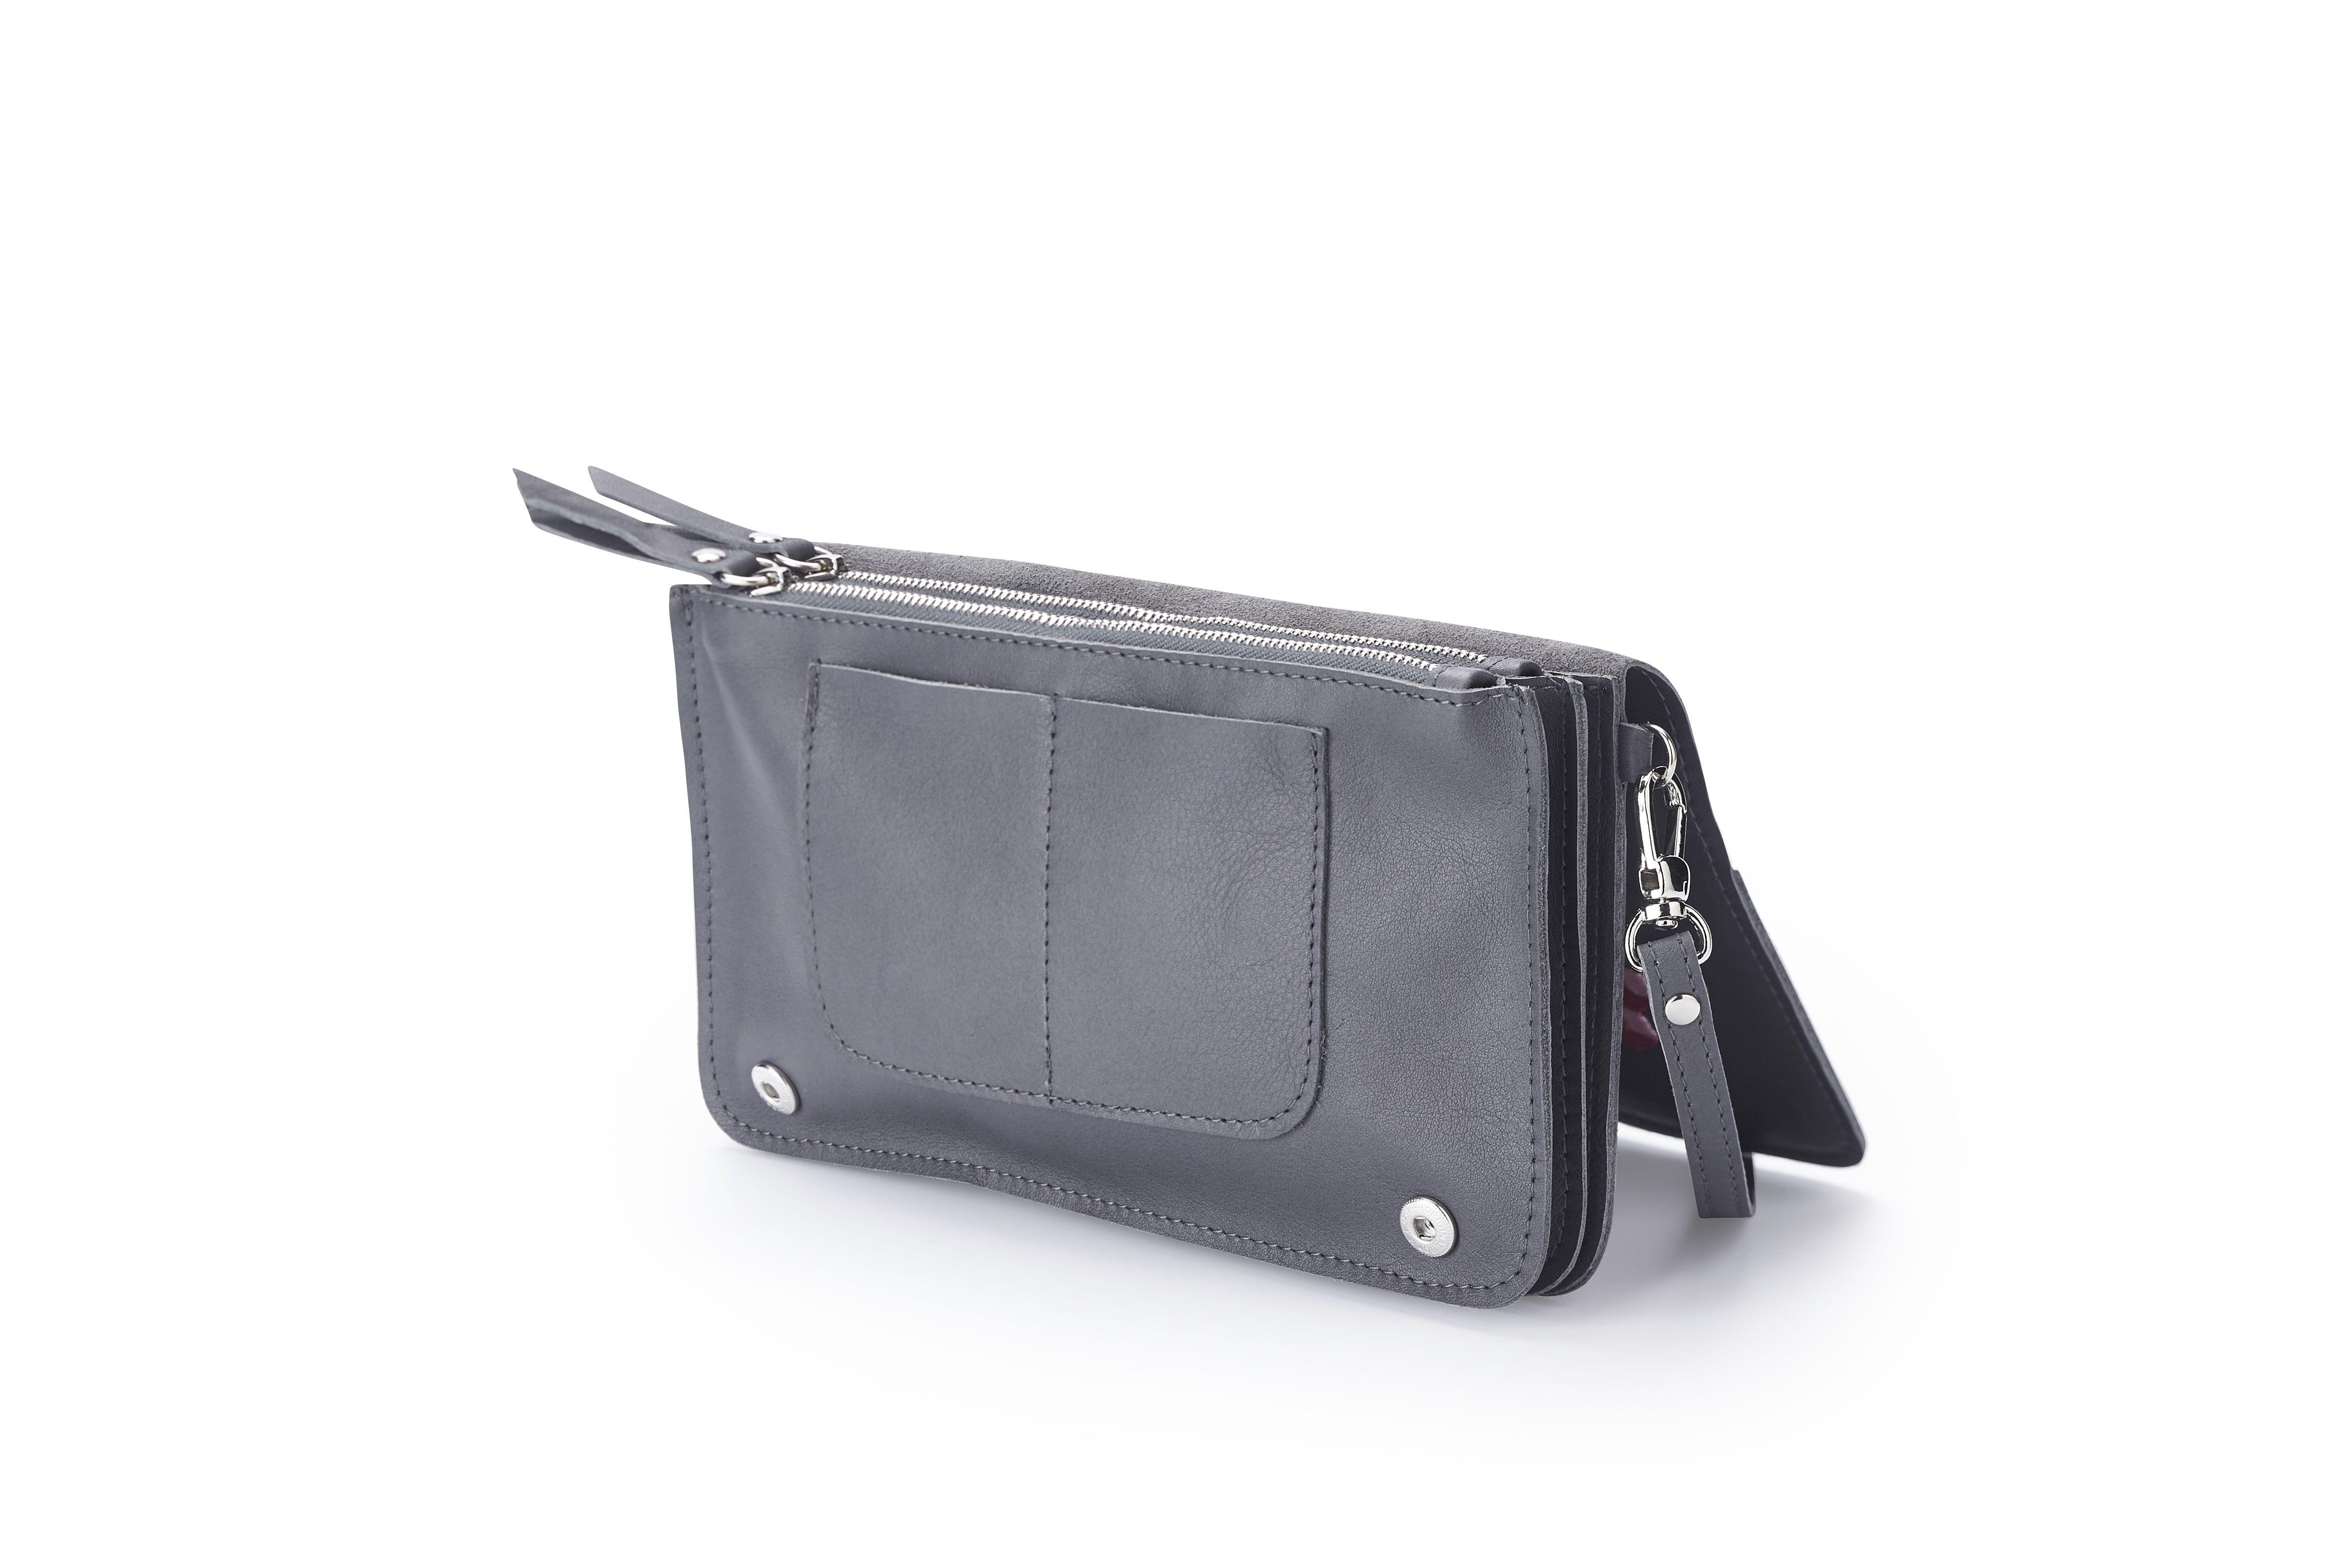 77a56316591 Elvira Vroomen | Bags and Purses - Bags, Purses en Fashion